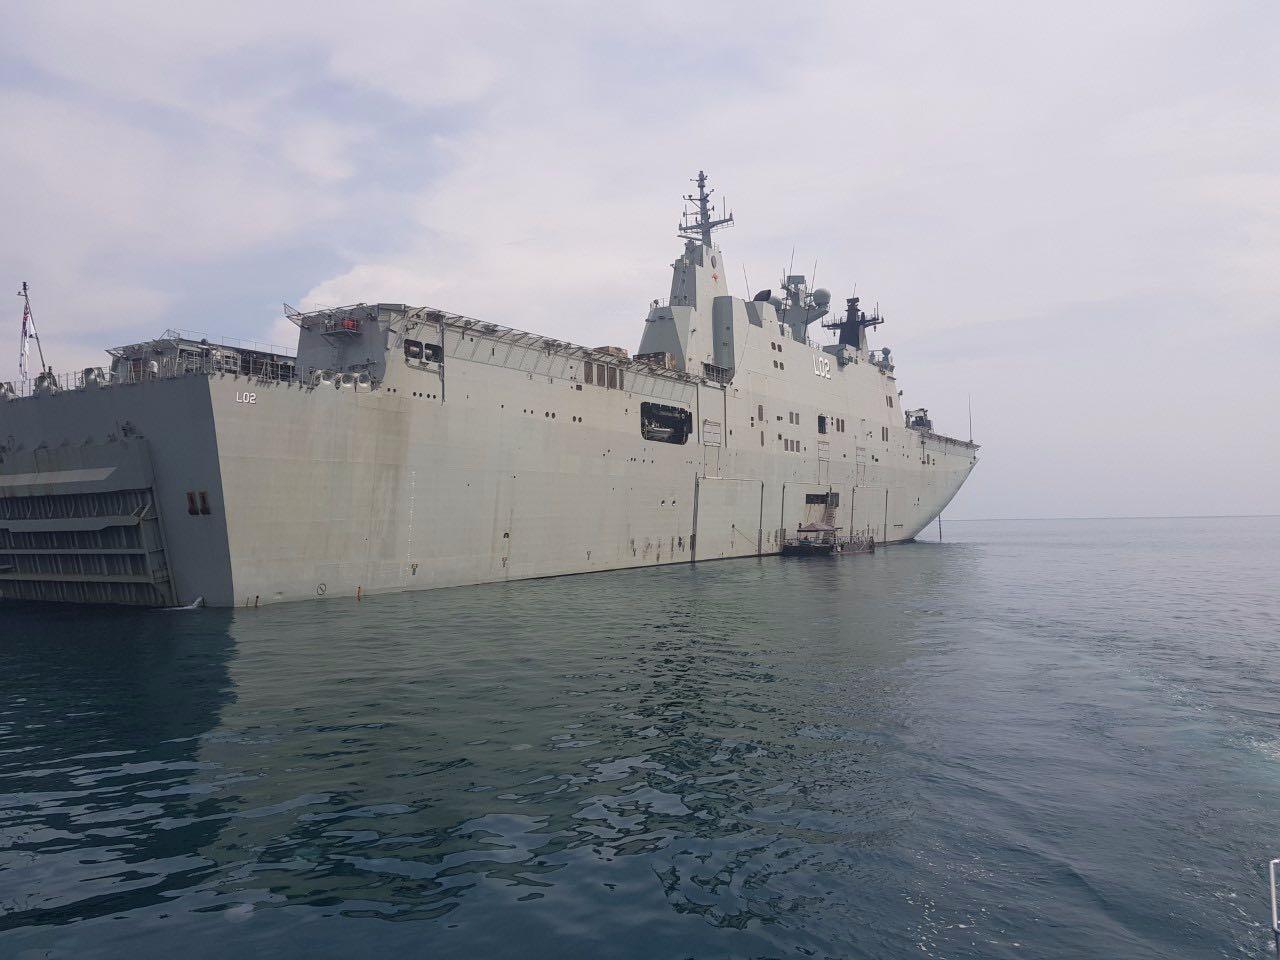 La Trobe aboard the HMAS Canberra